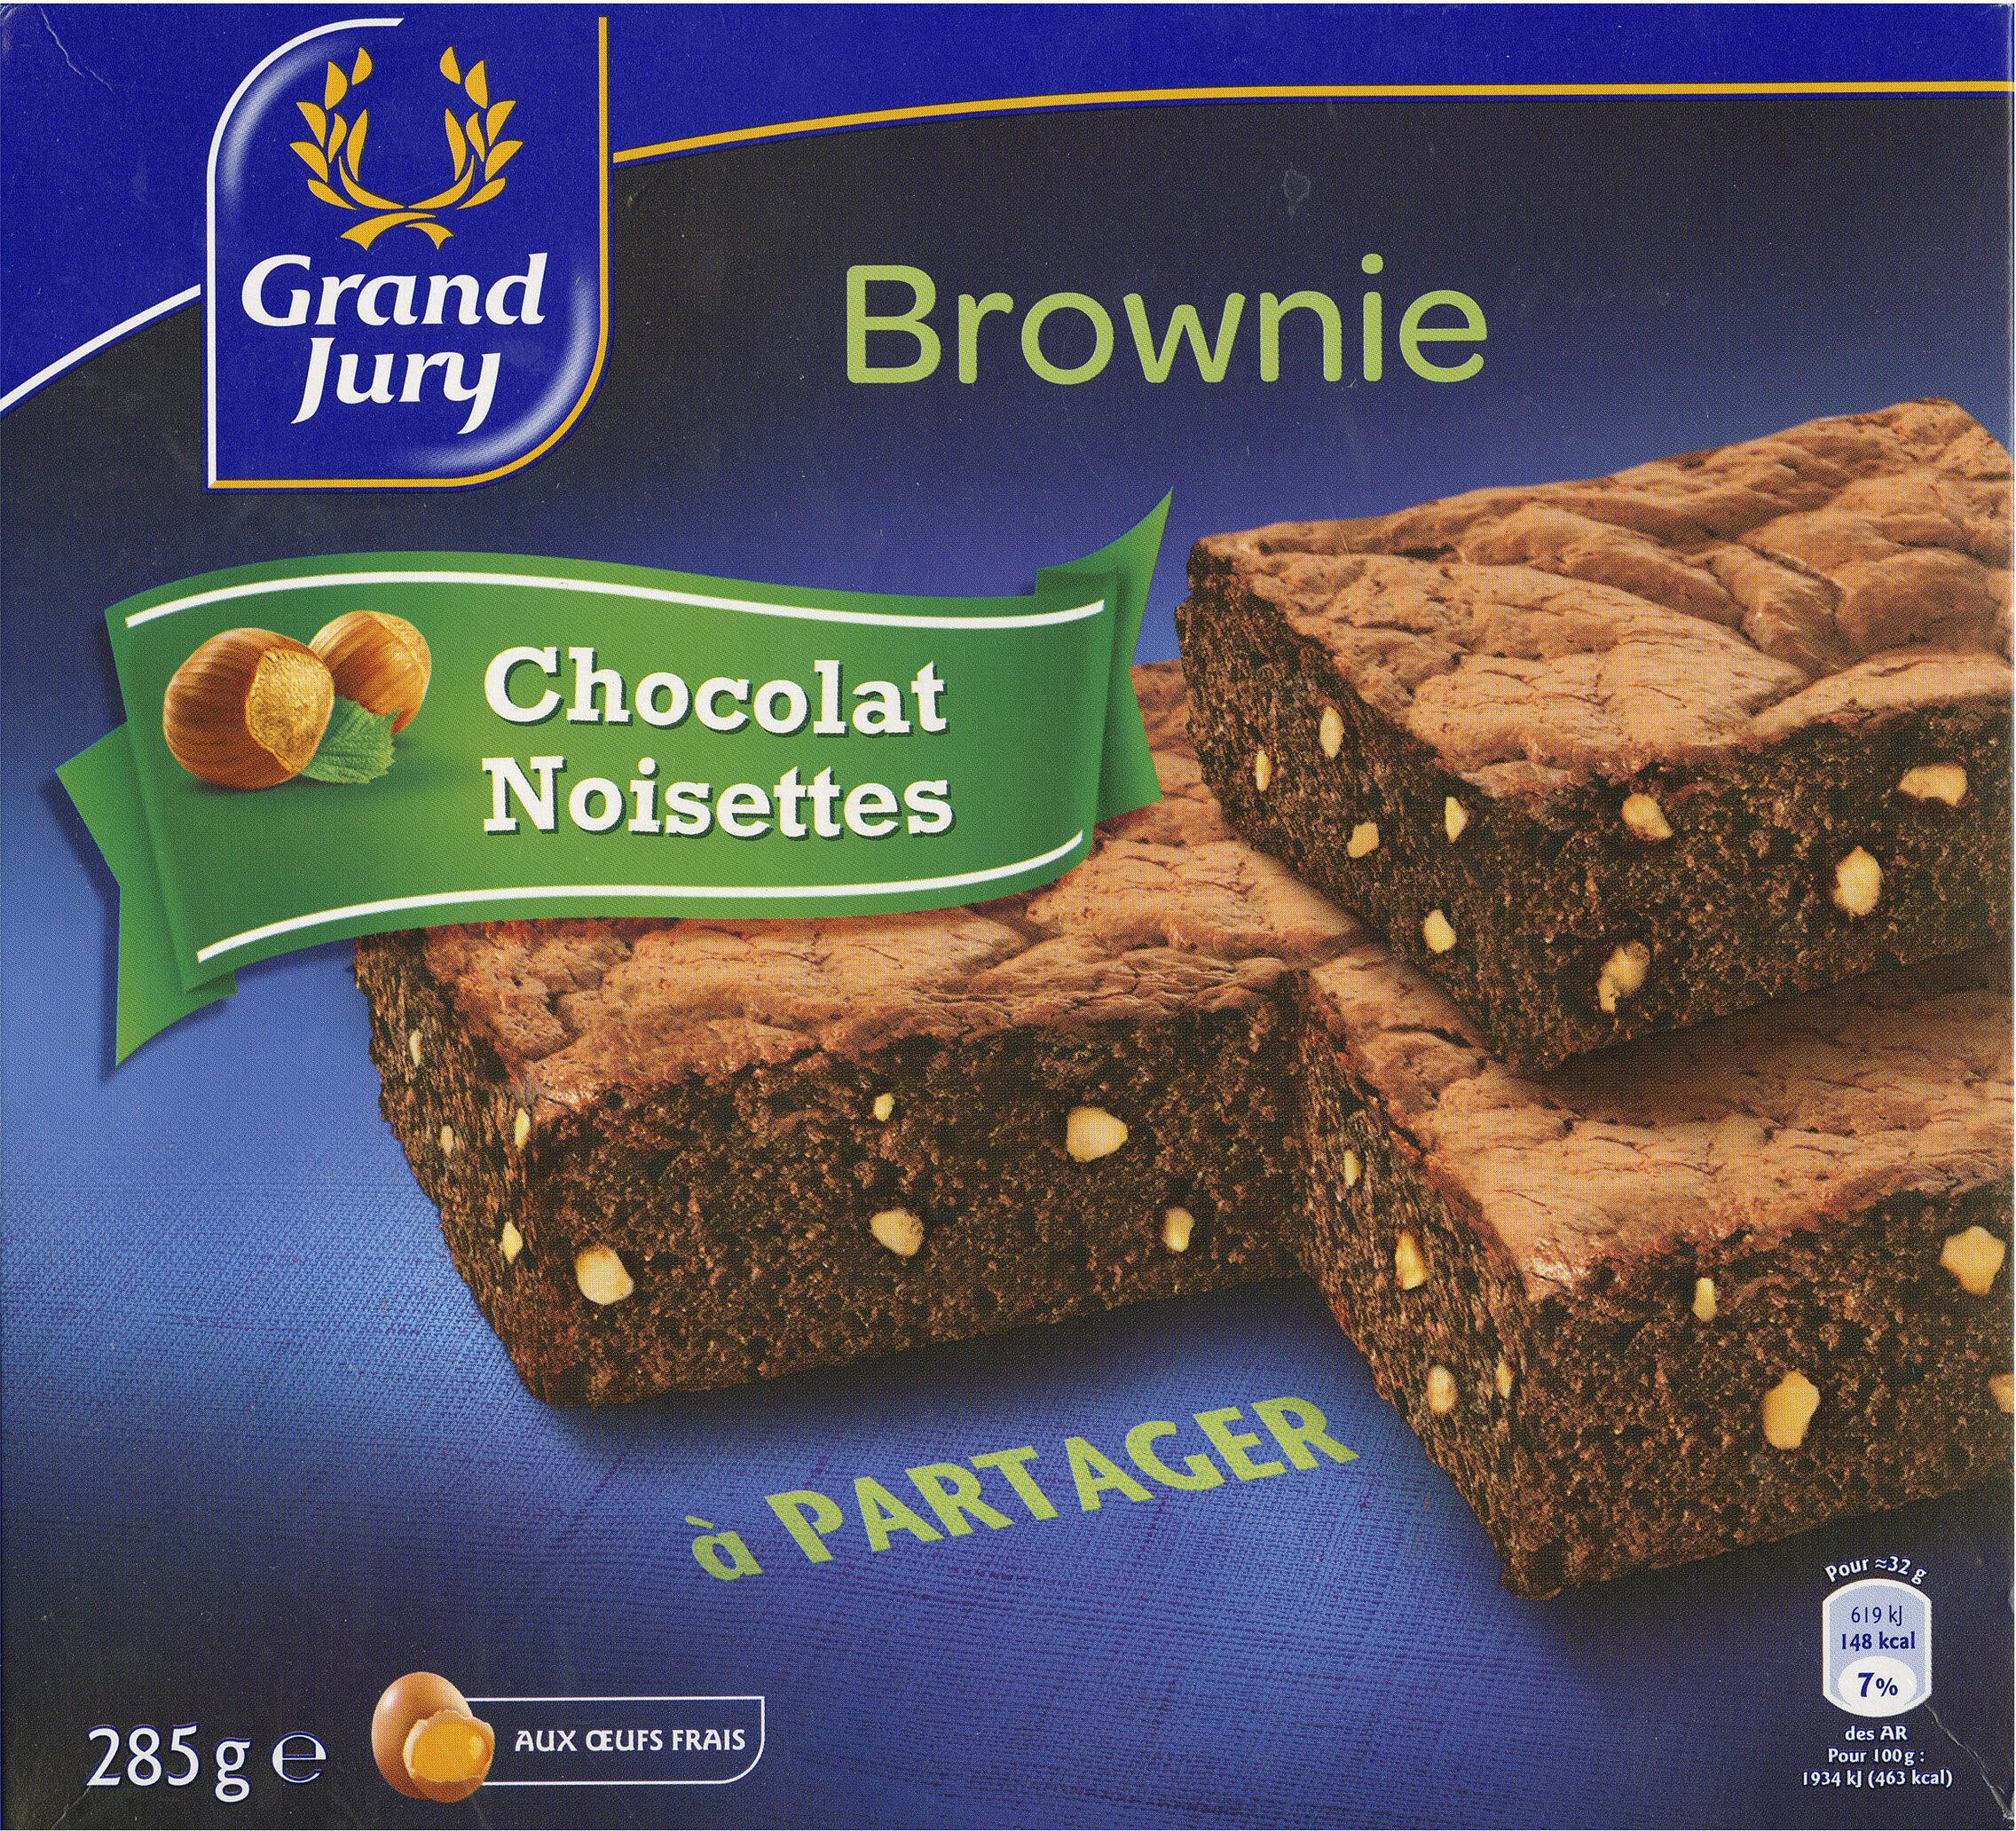 Brownie chocolat noisette - Produit - fr